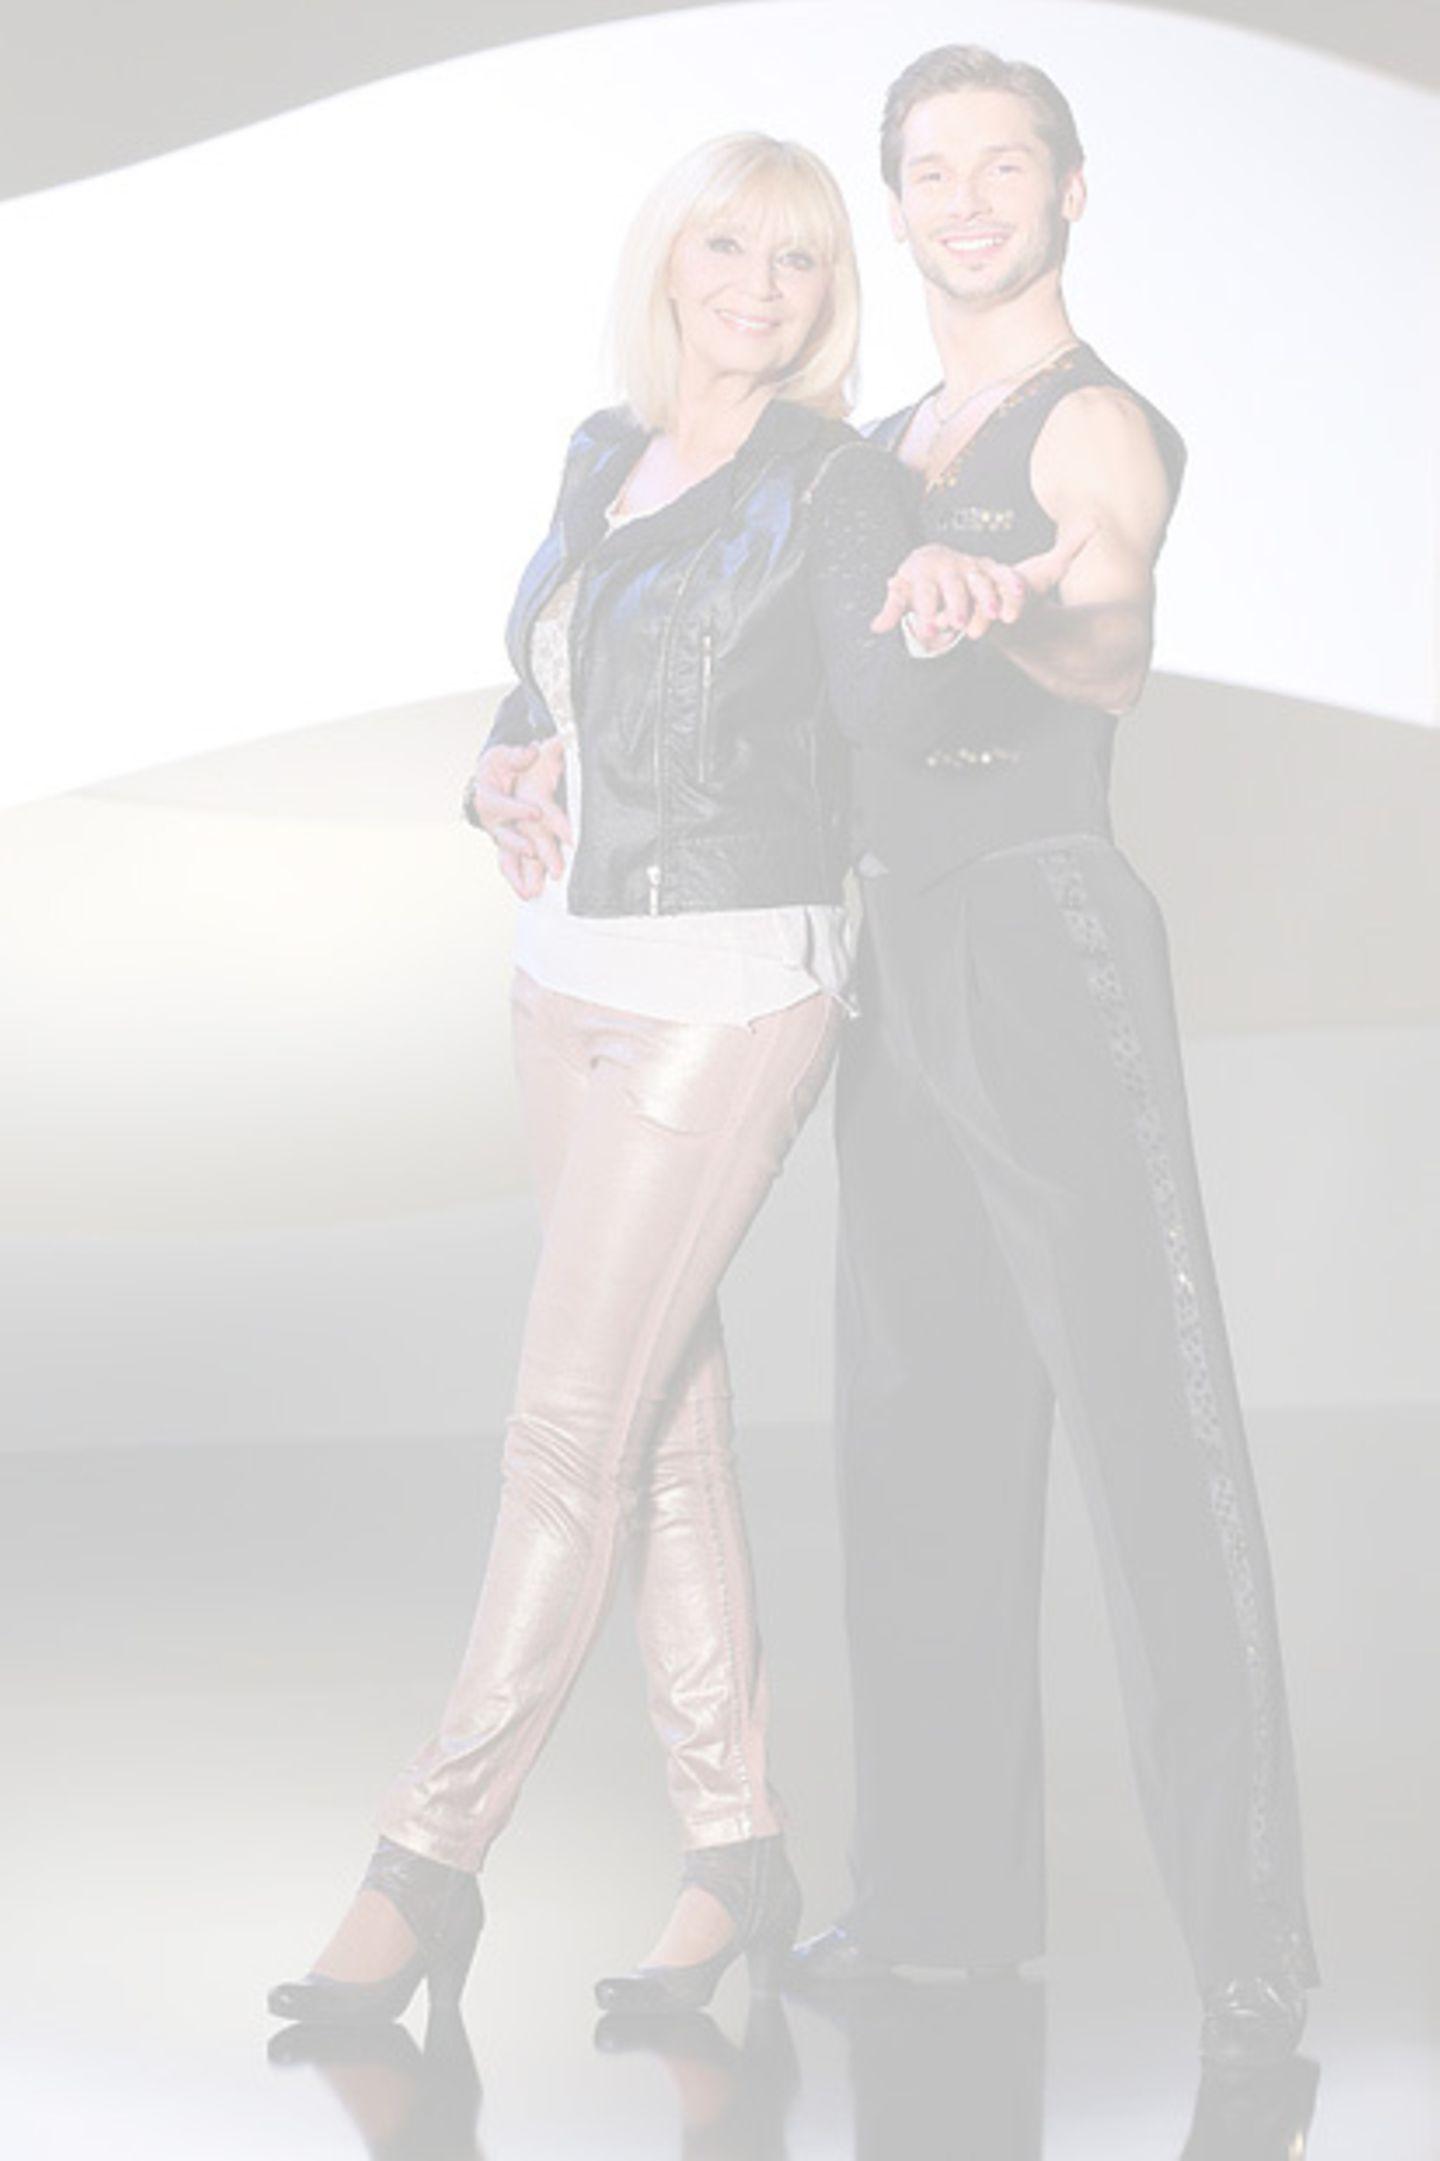 Der Kompagnon von Sängerin Cindy Berger heißt Marius Lepure.  Ausgeschieden in Show 2